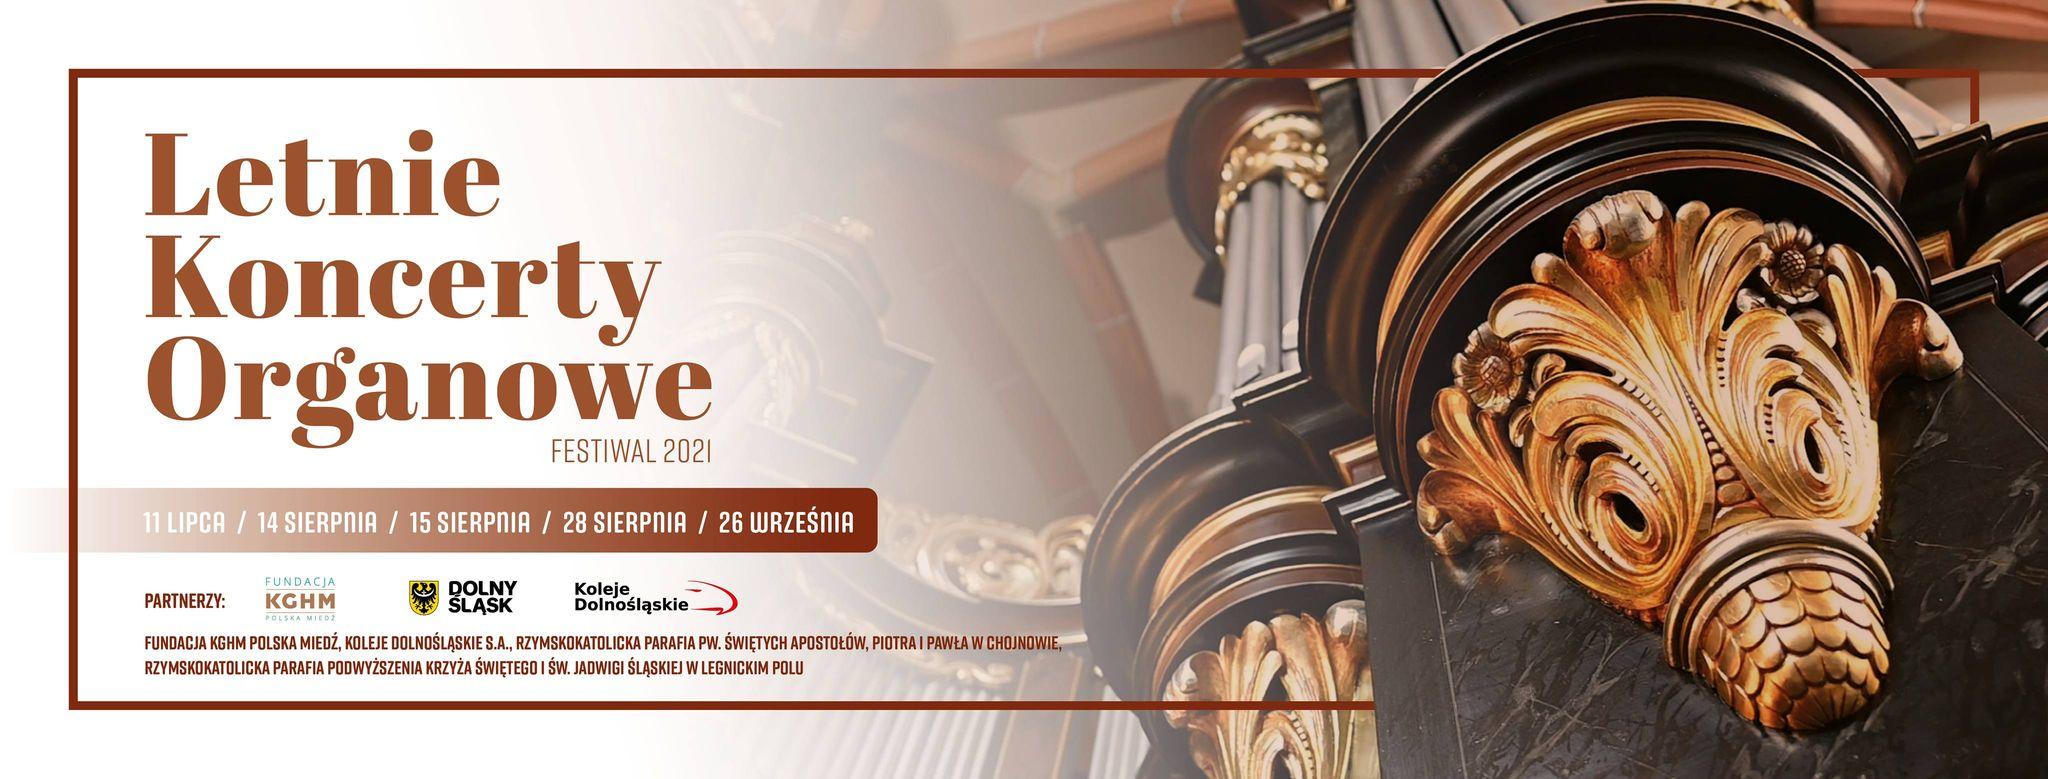 Baner: Letnie Koncerty Organowe - Festiwal 2021